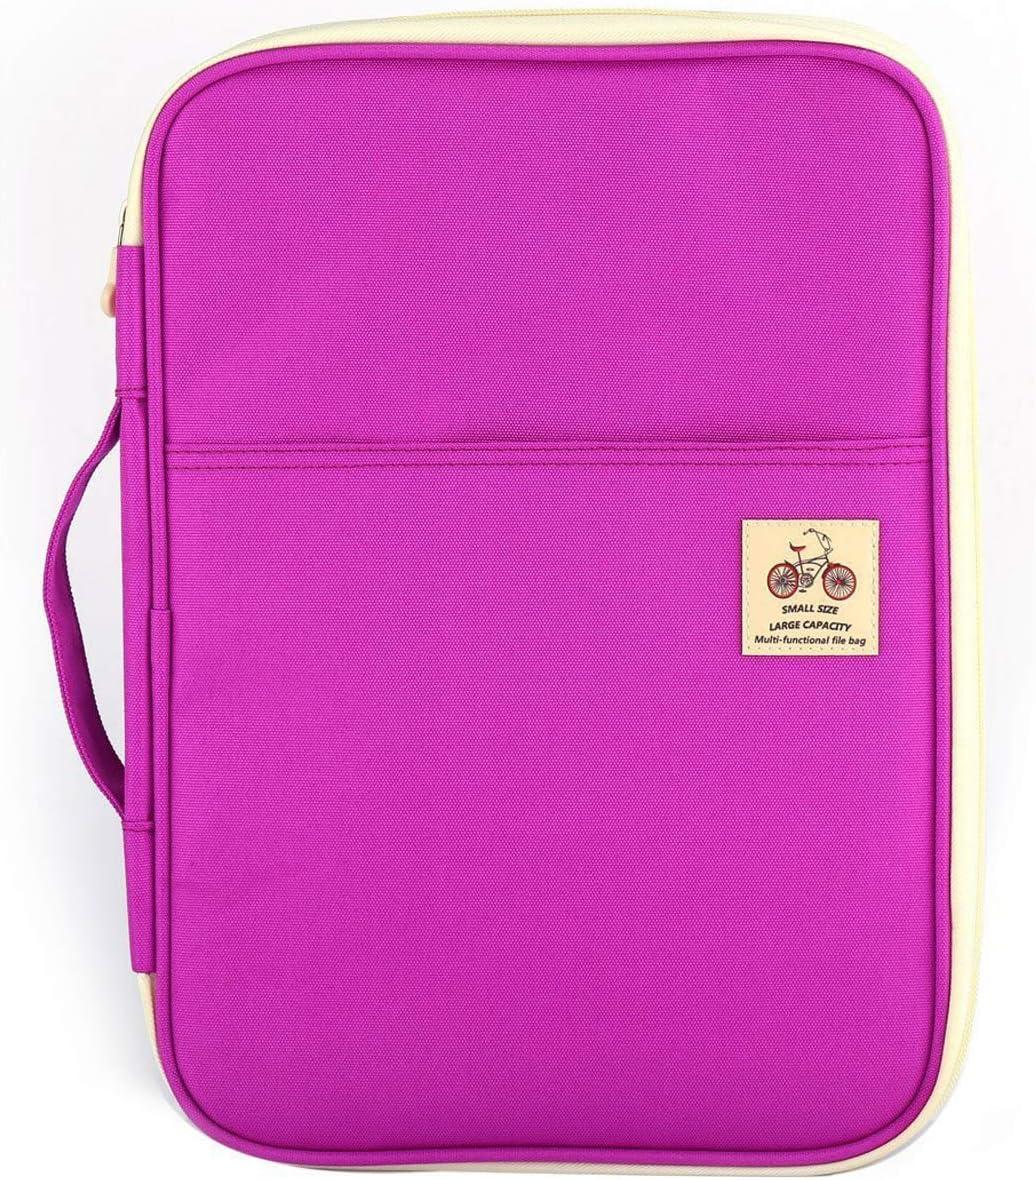 Gili Pink Flower Travel Passport /& Document Organizer Zipper Case